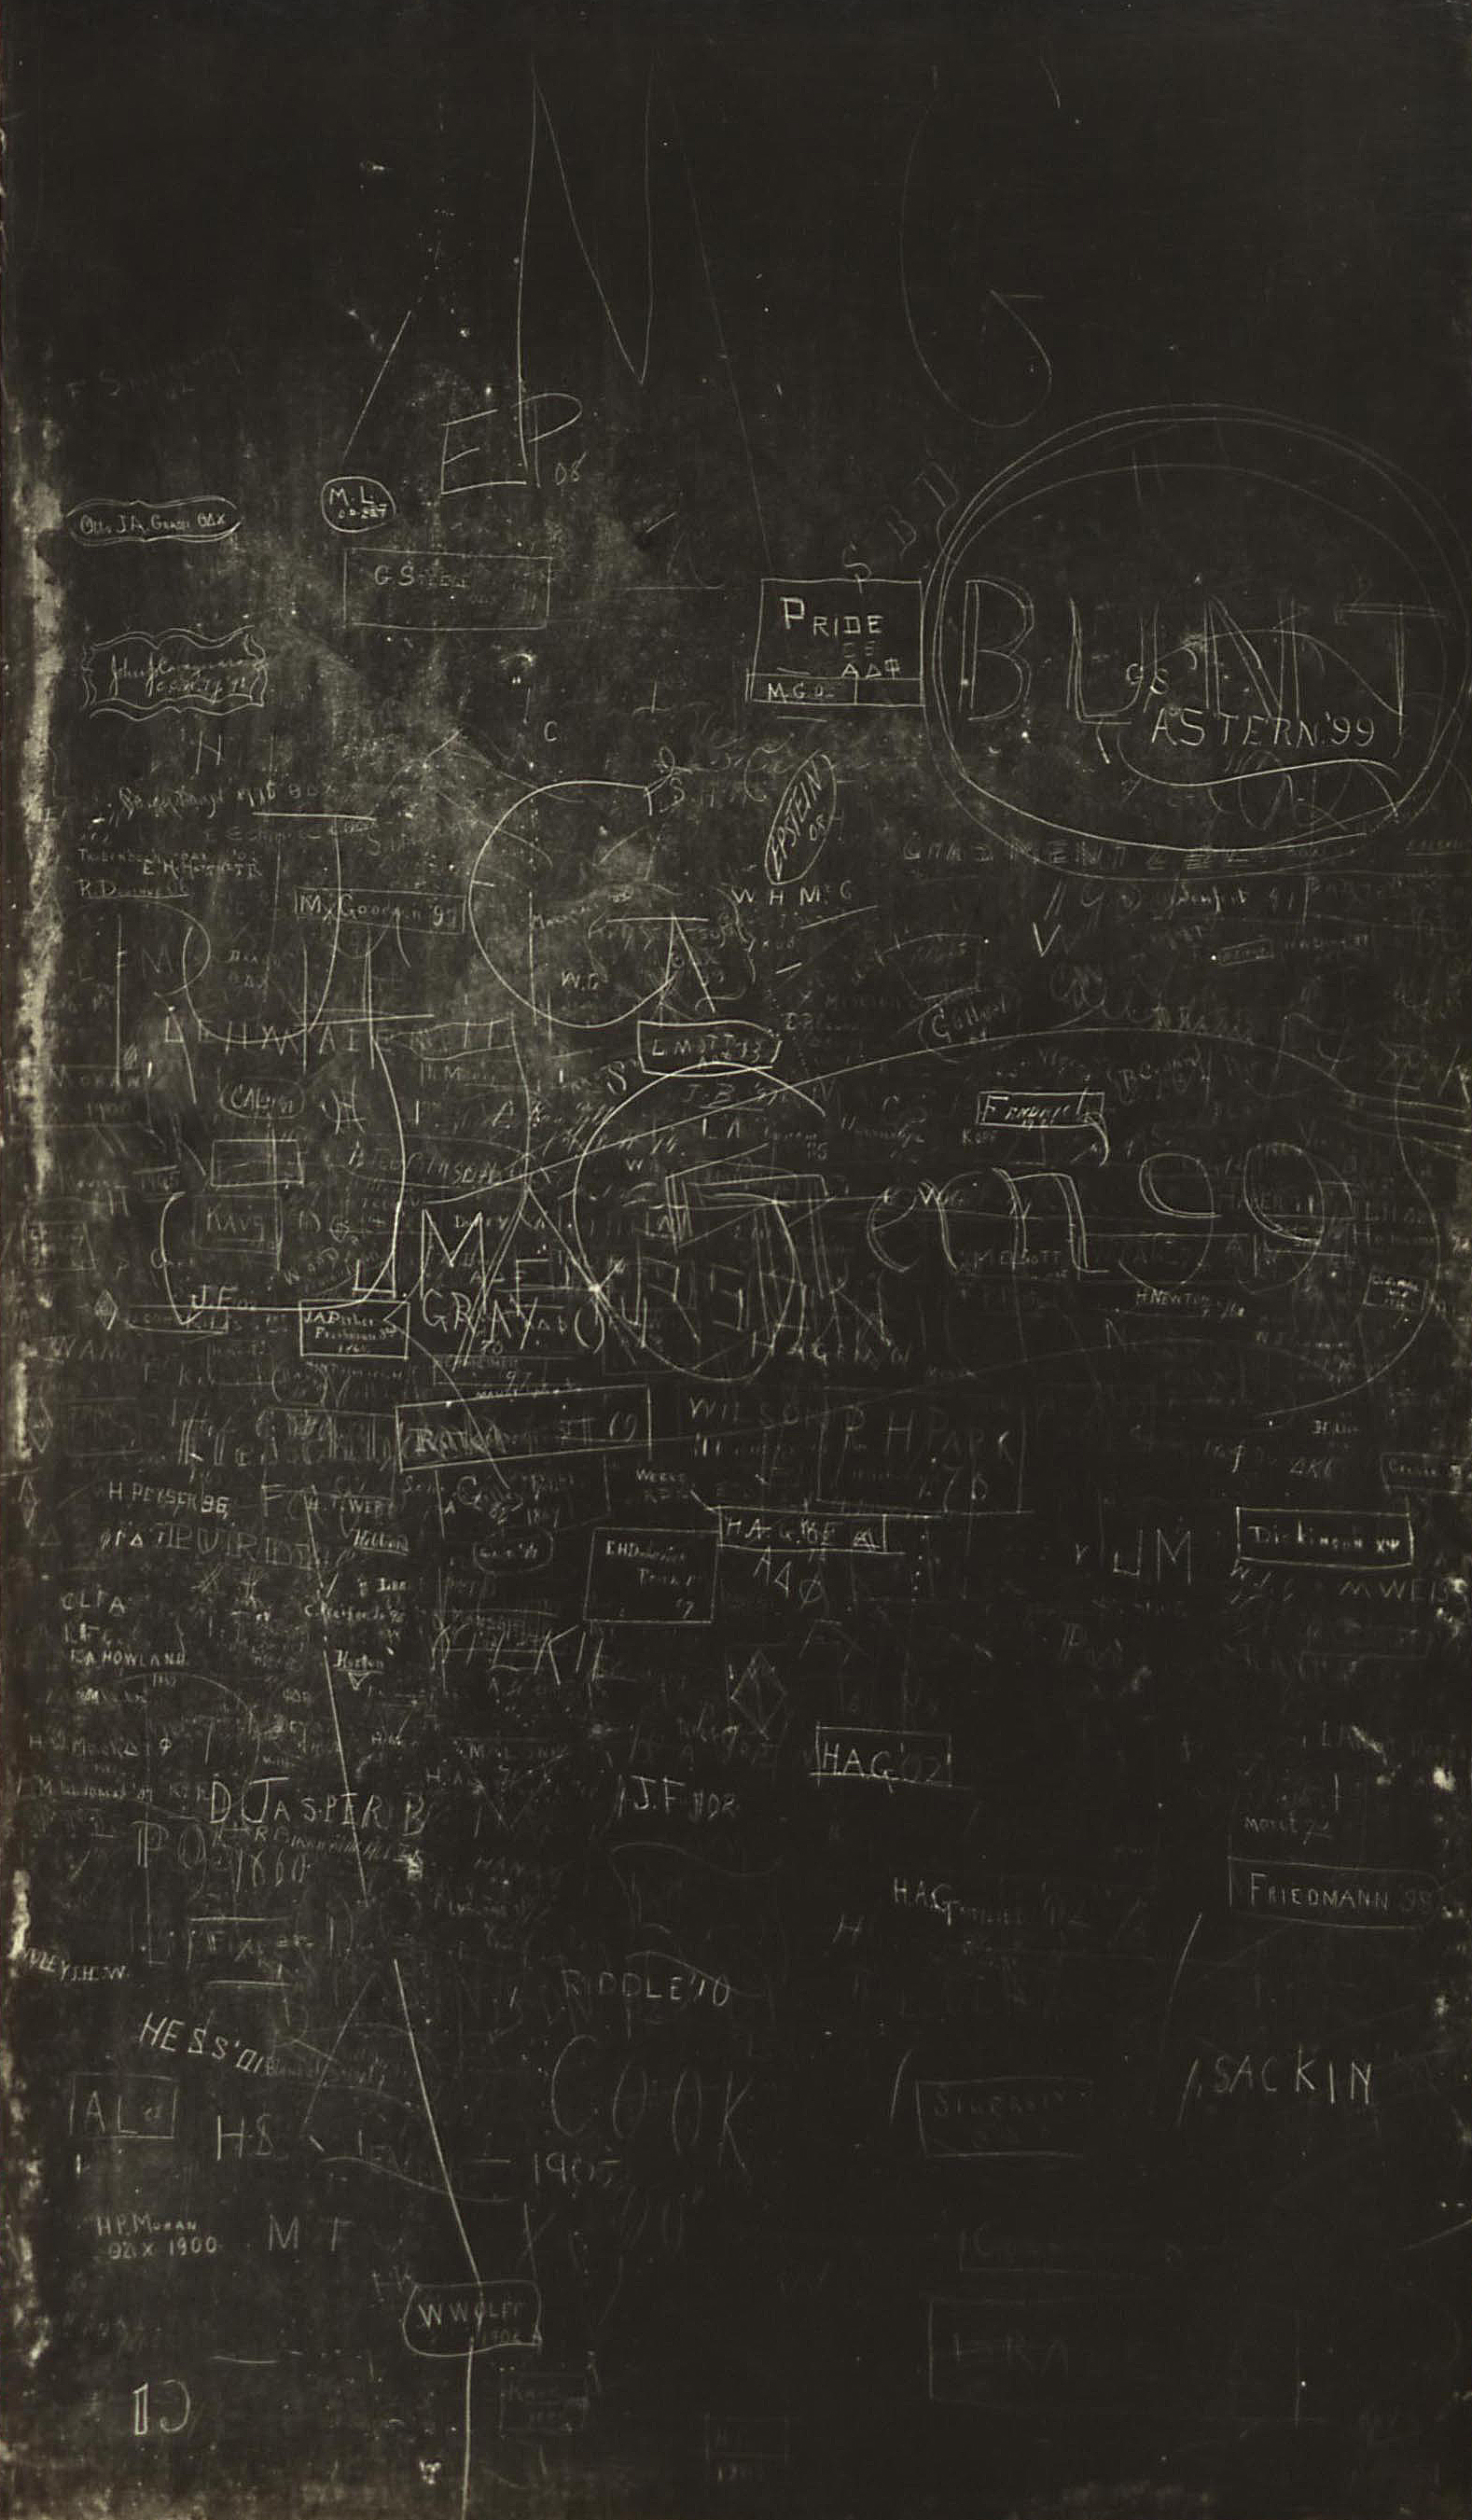 1899 Free Academy Blackboard